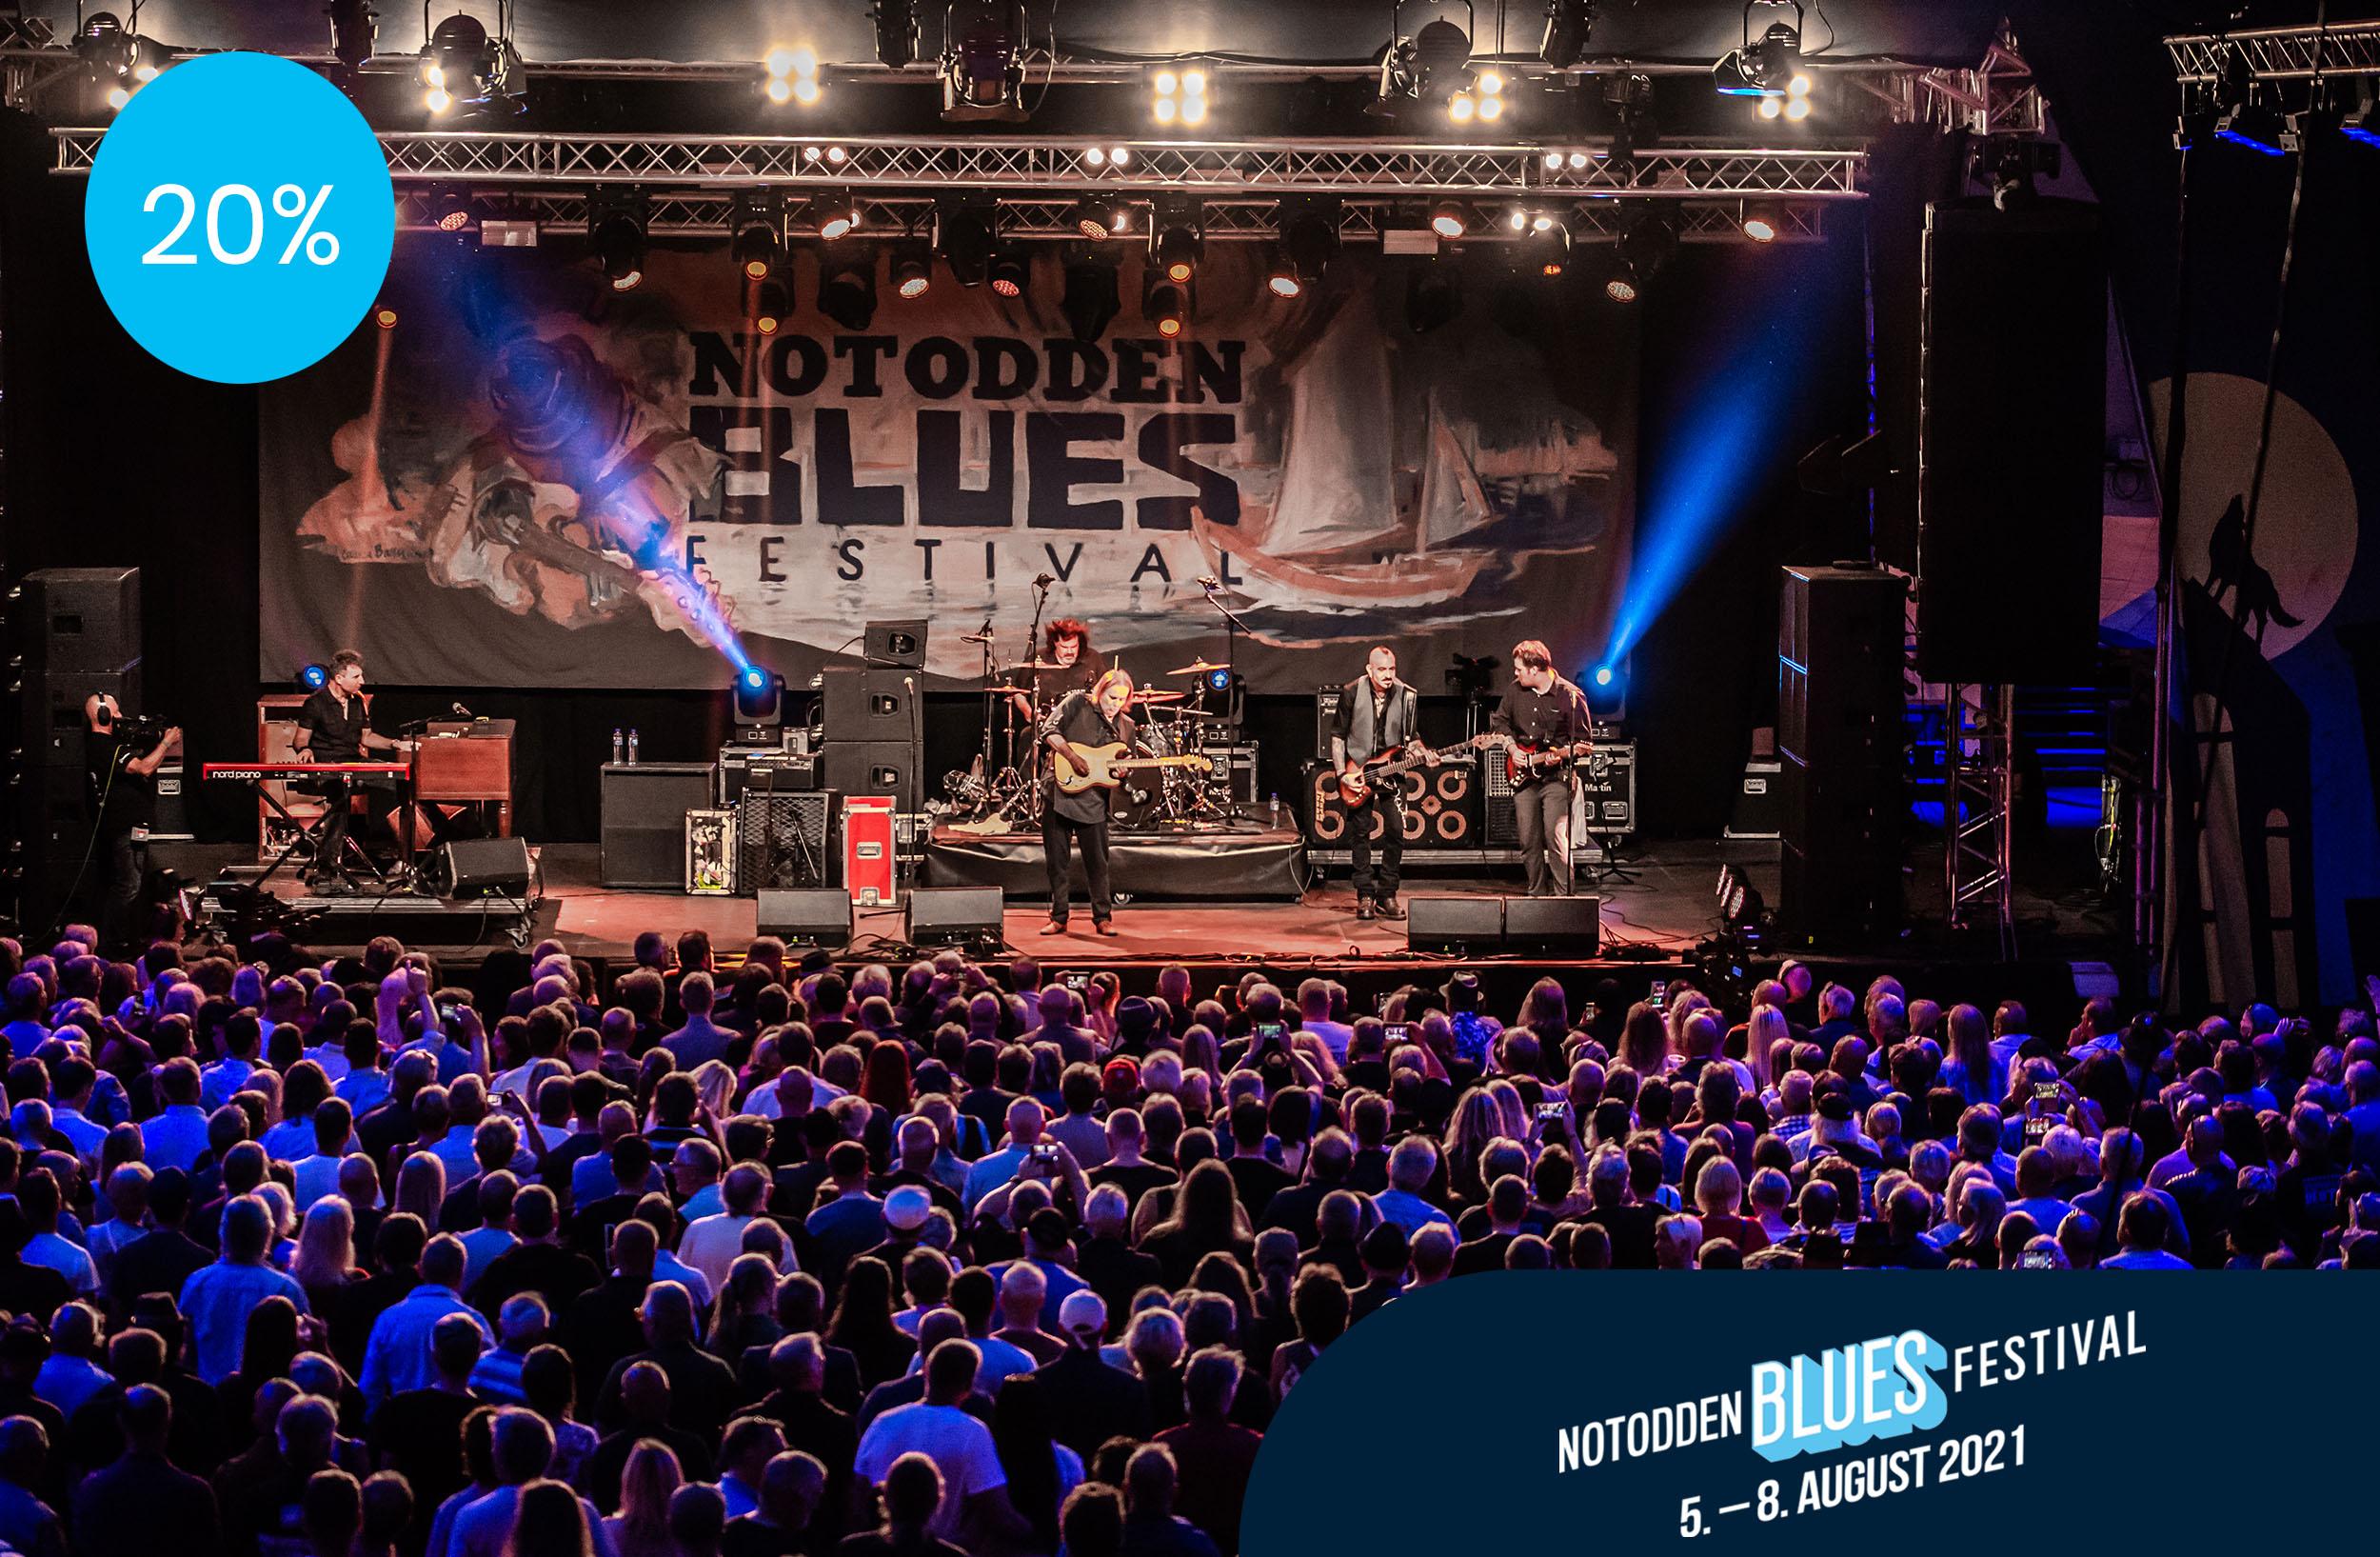 Kundefordeler Notodden Blues Festival